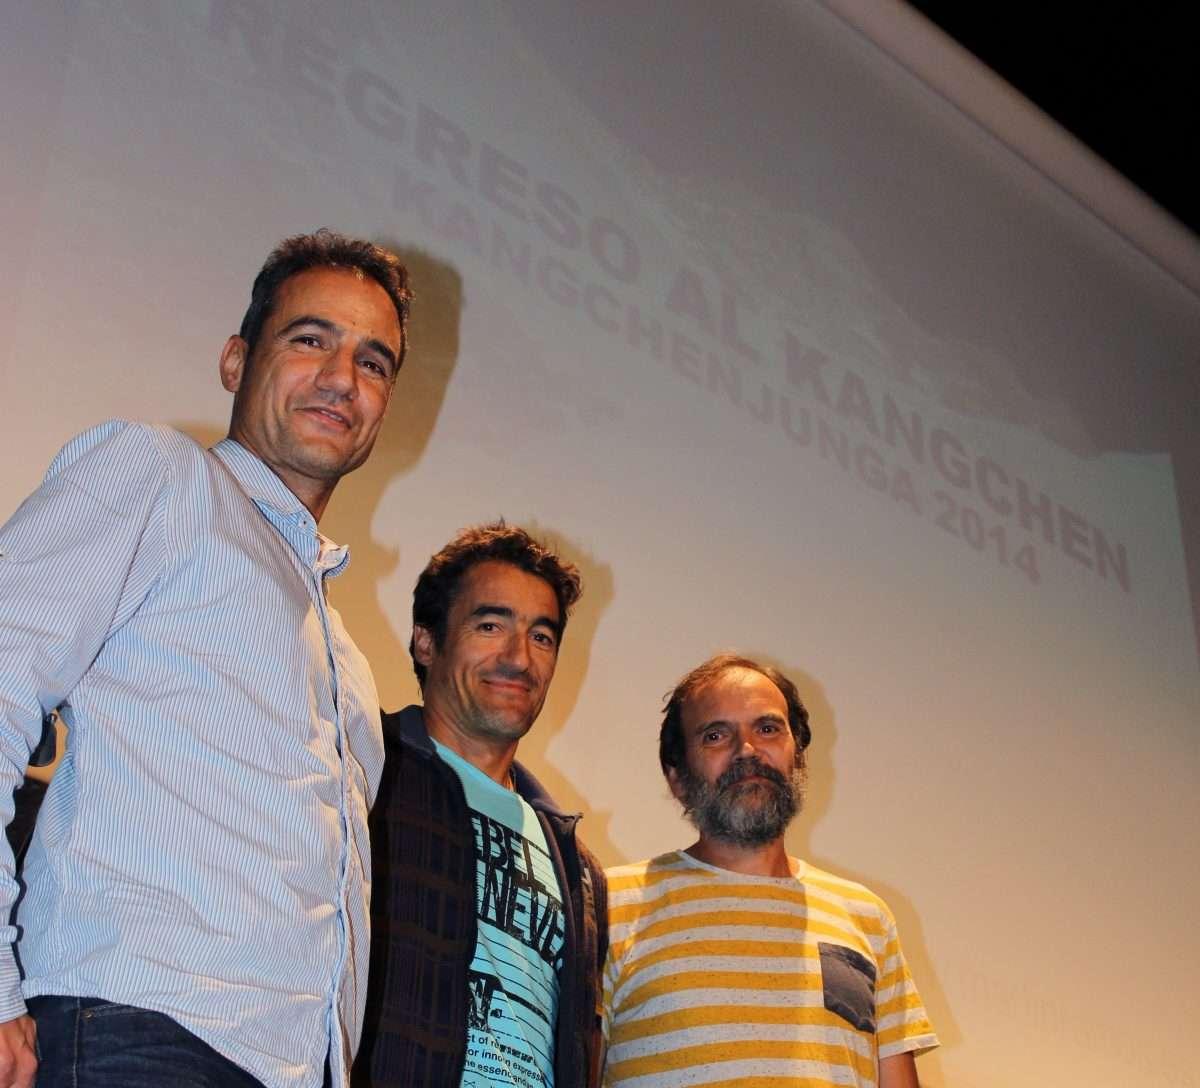 Presentación de la Semana de la Montaña de Valladolid con Martín Ramos en el centro. /FDMESCYL